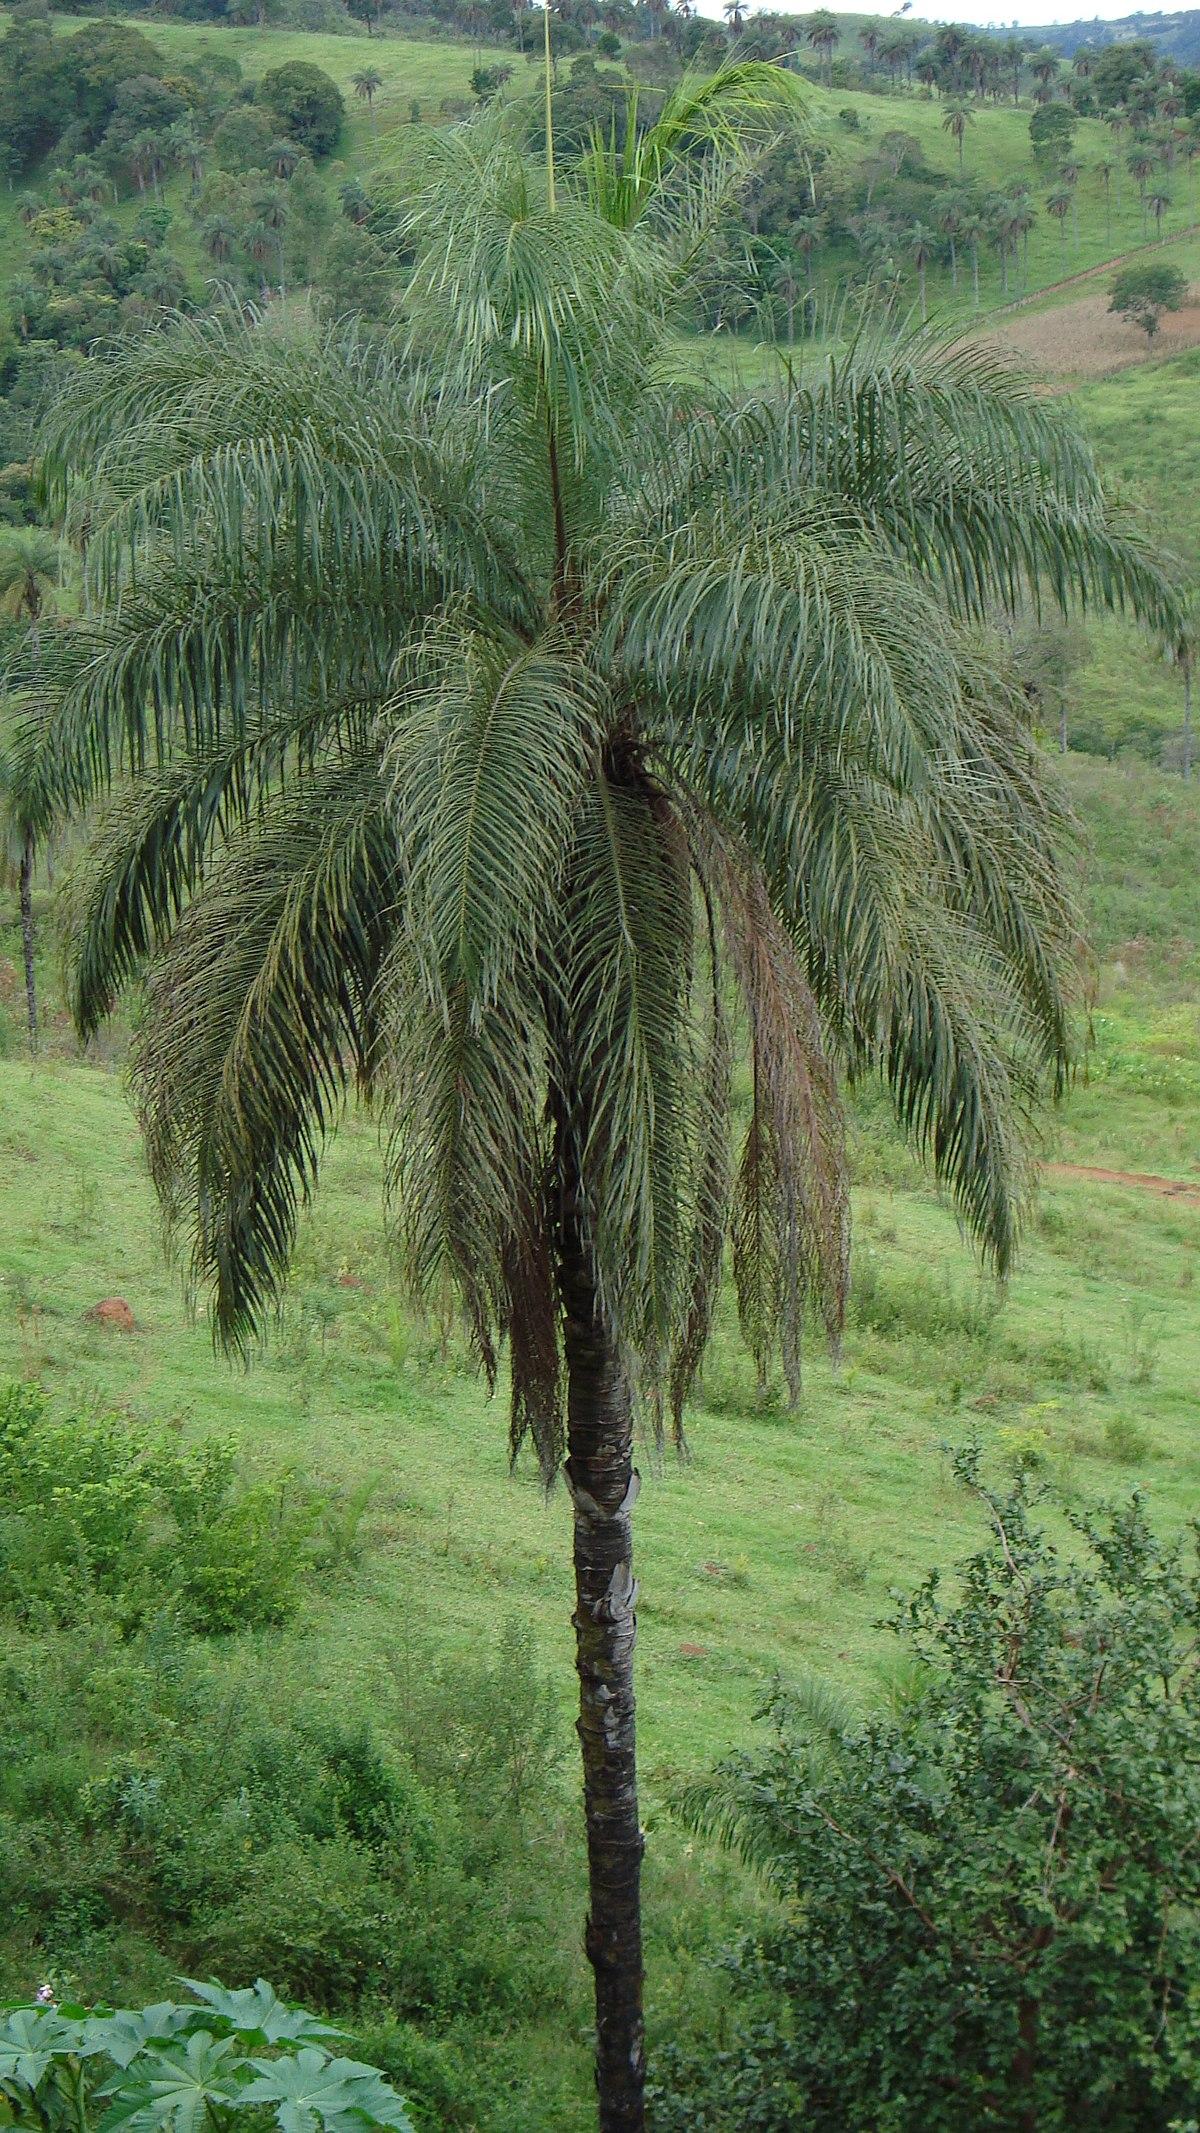 Acrocomia aculeata - Wikipedia